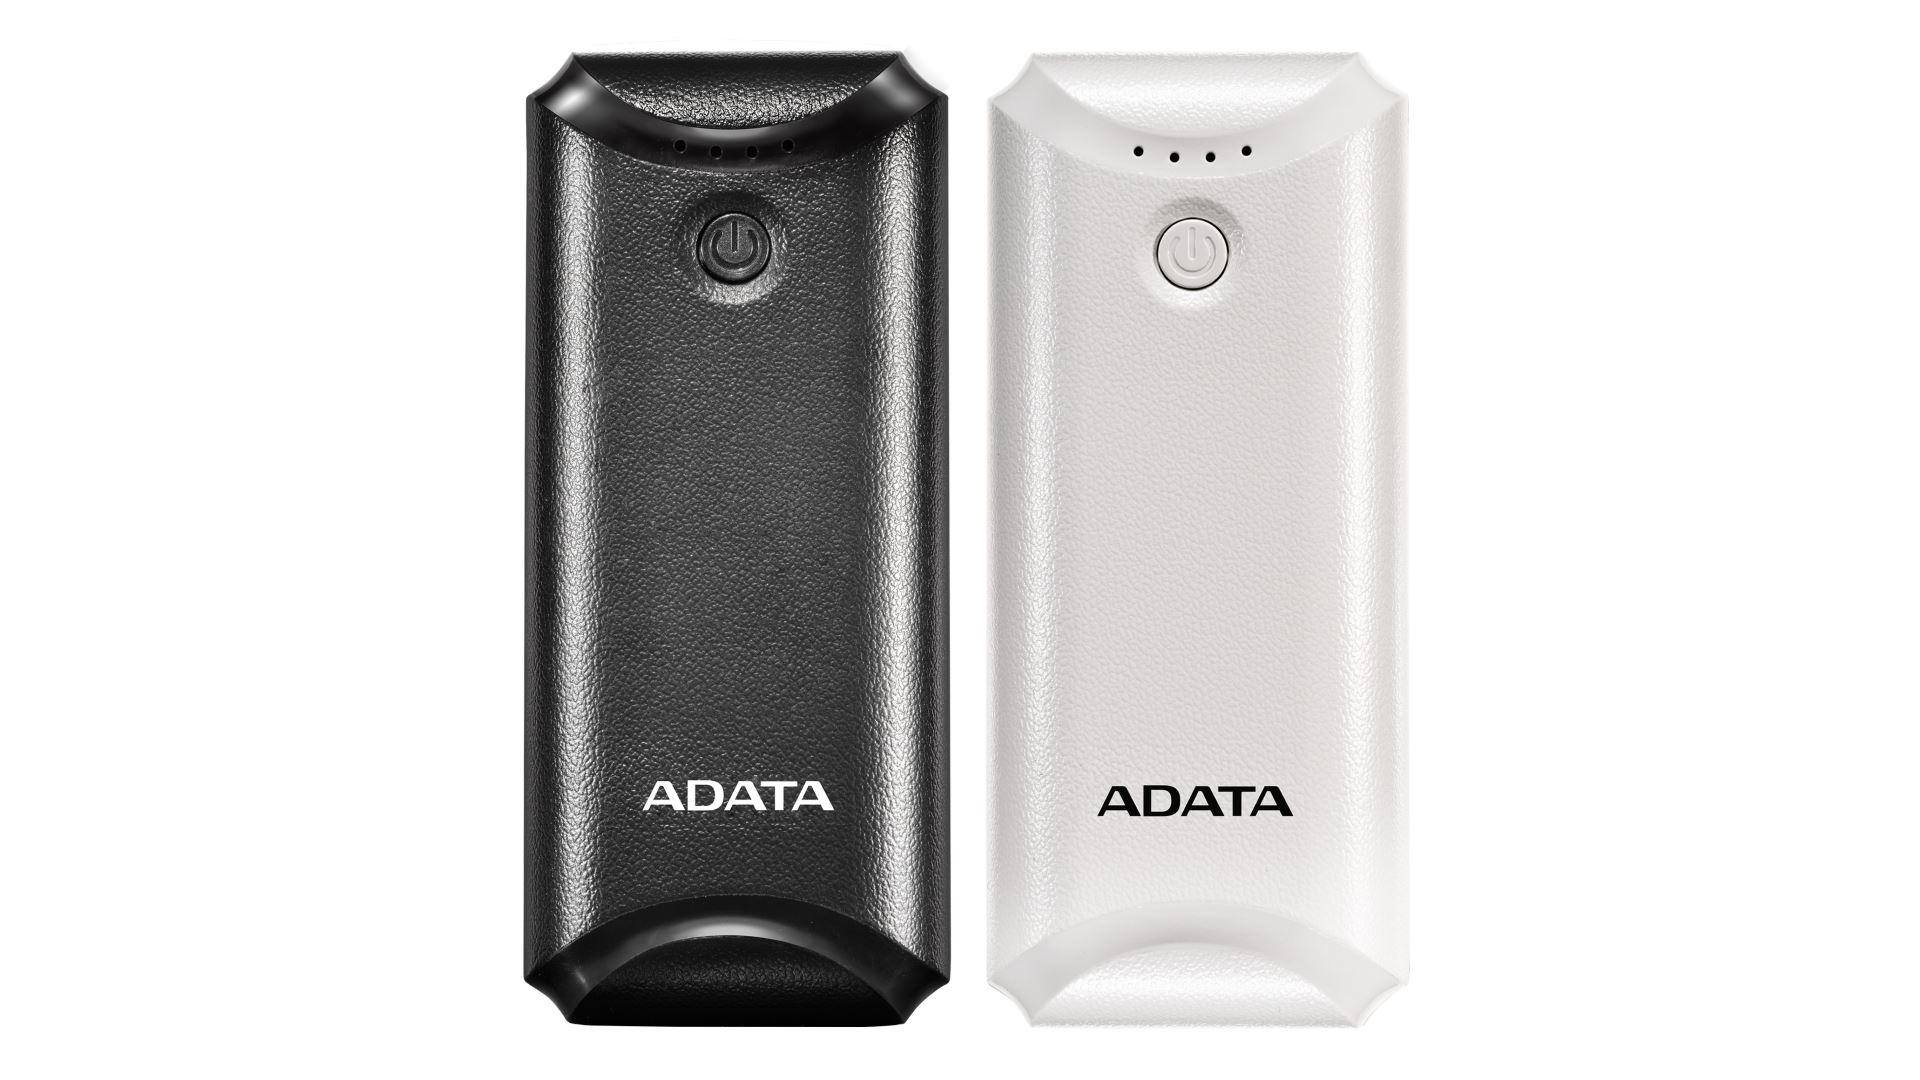 На иллюстрации изображены рендеры аккумулятора ADATA P5000 чёрного и белого цветов с видом сверху